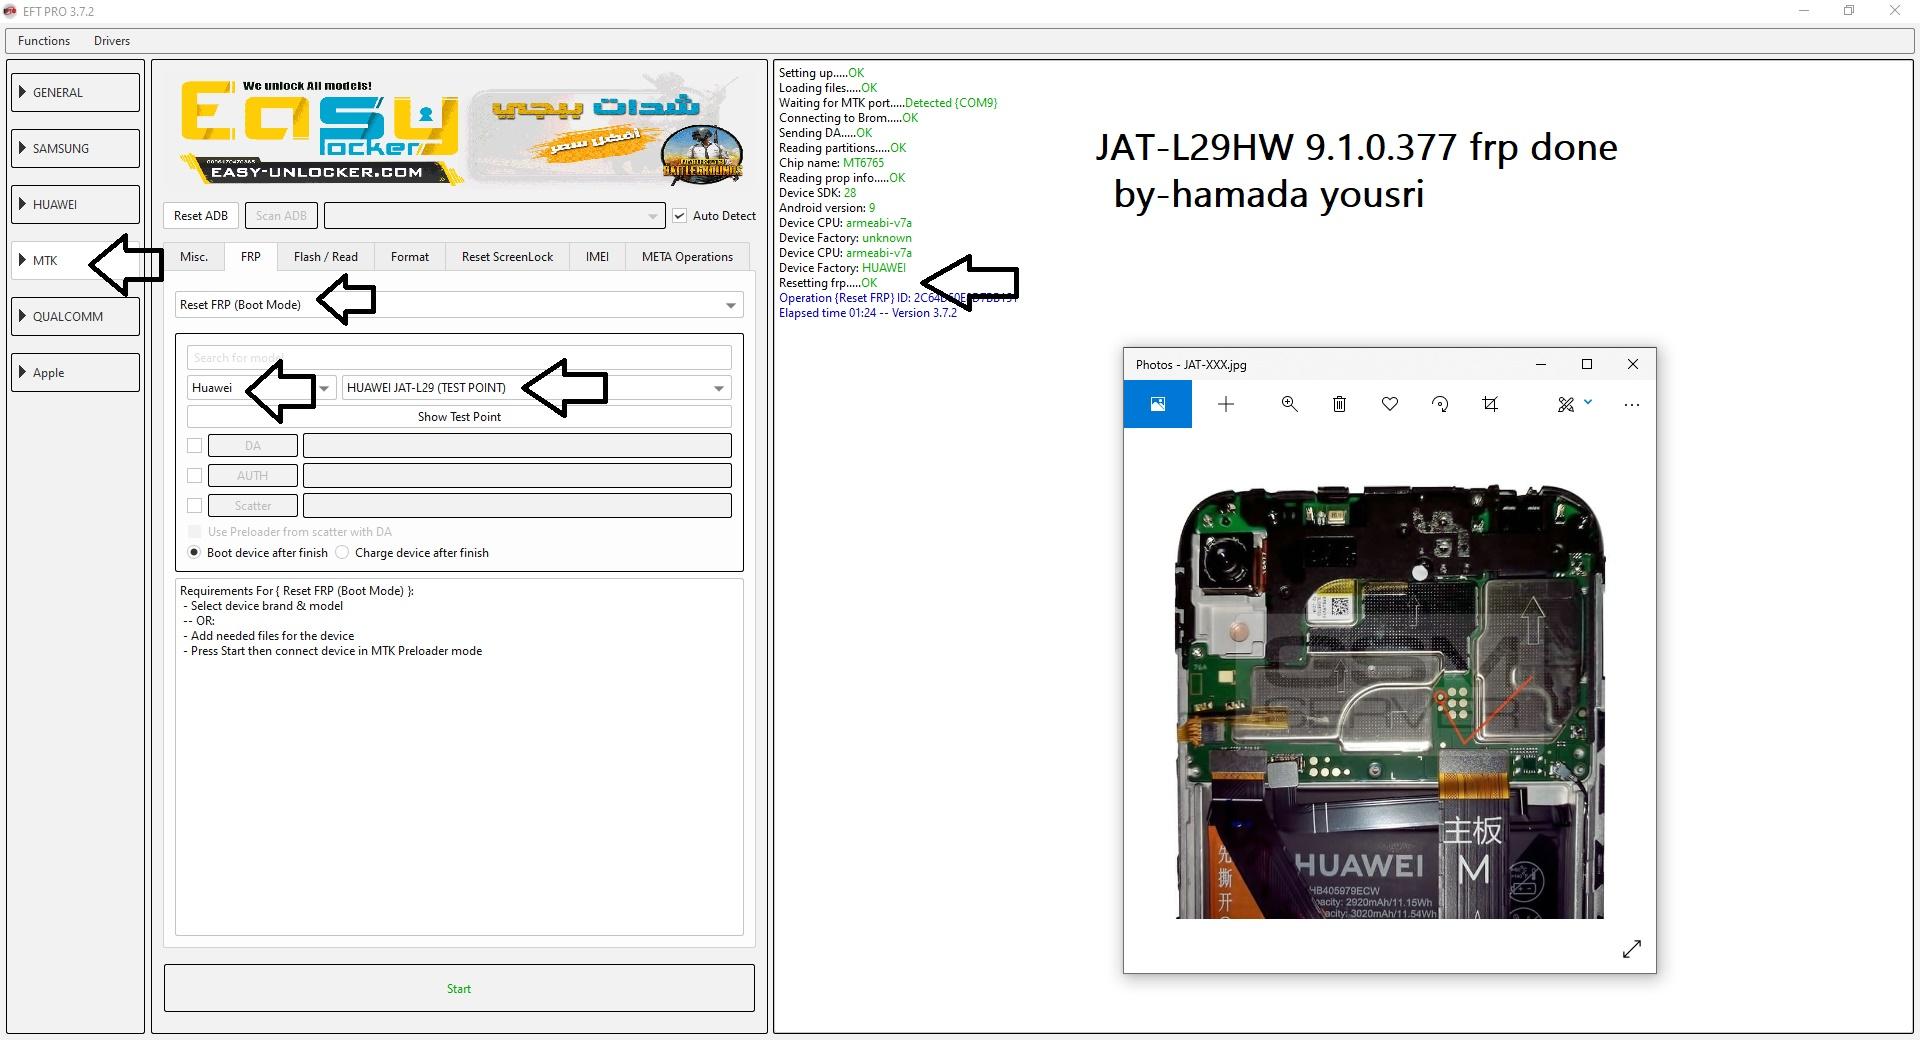 حذف جوجل اكونت JAT-L29HW 9.1.0.377 frp done